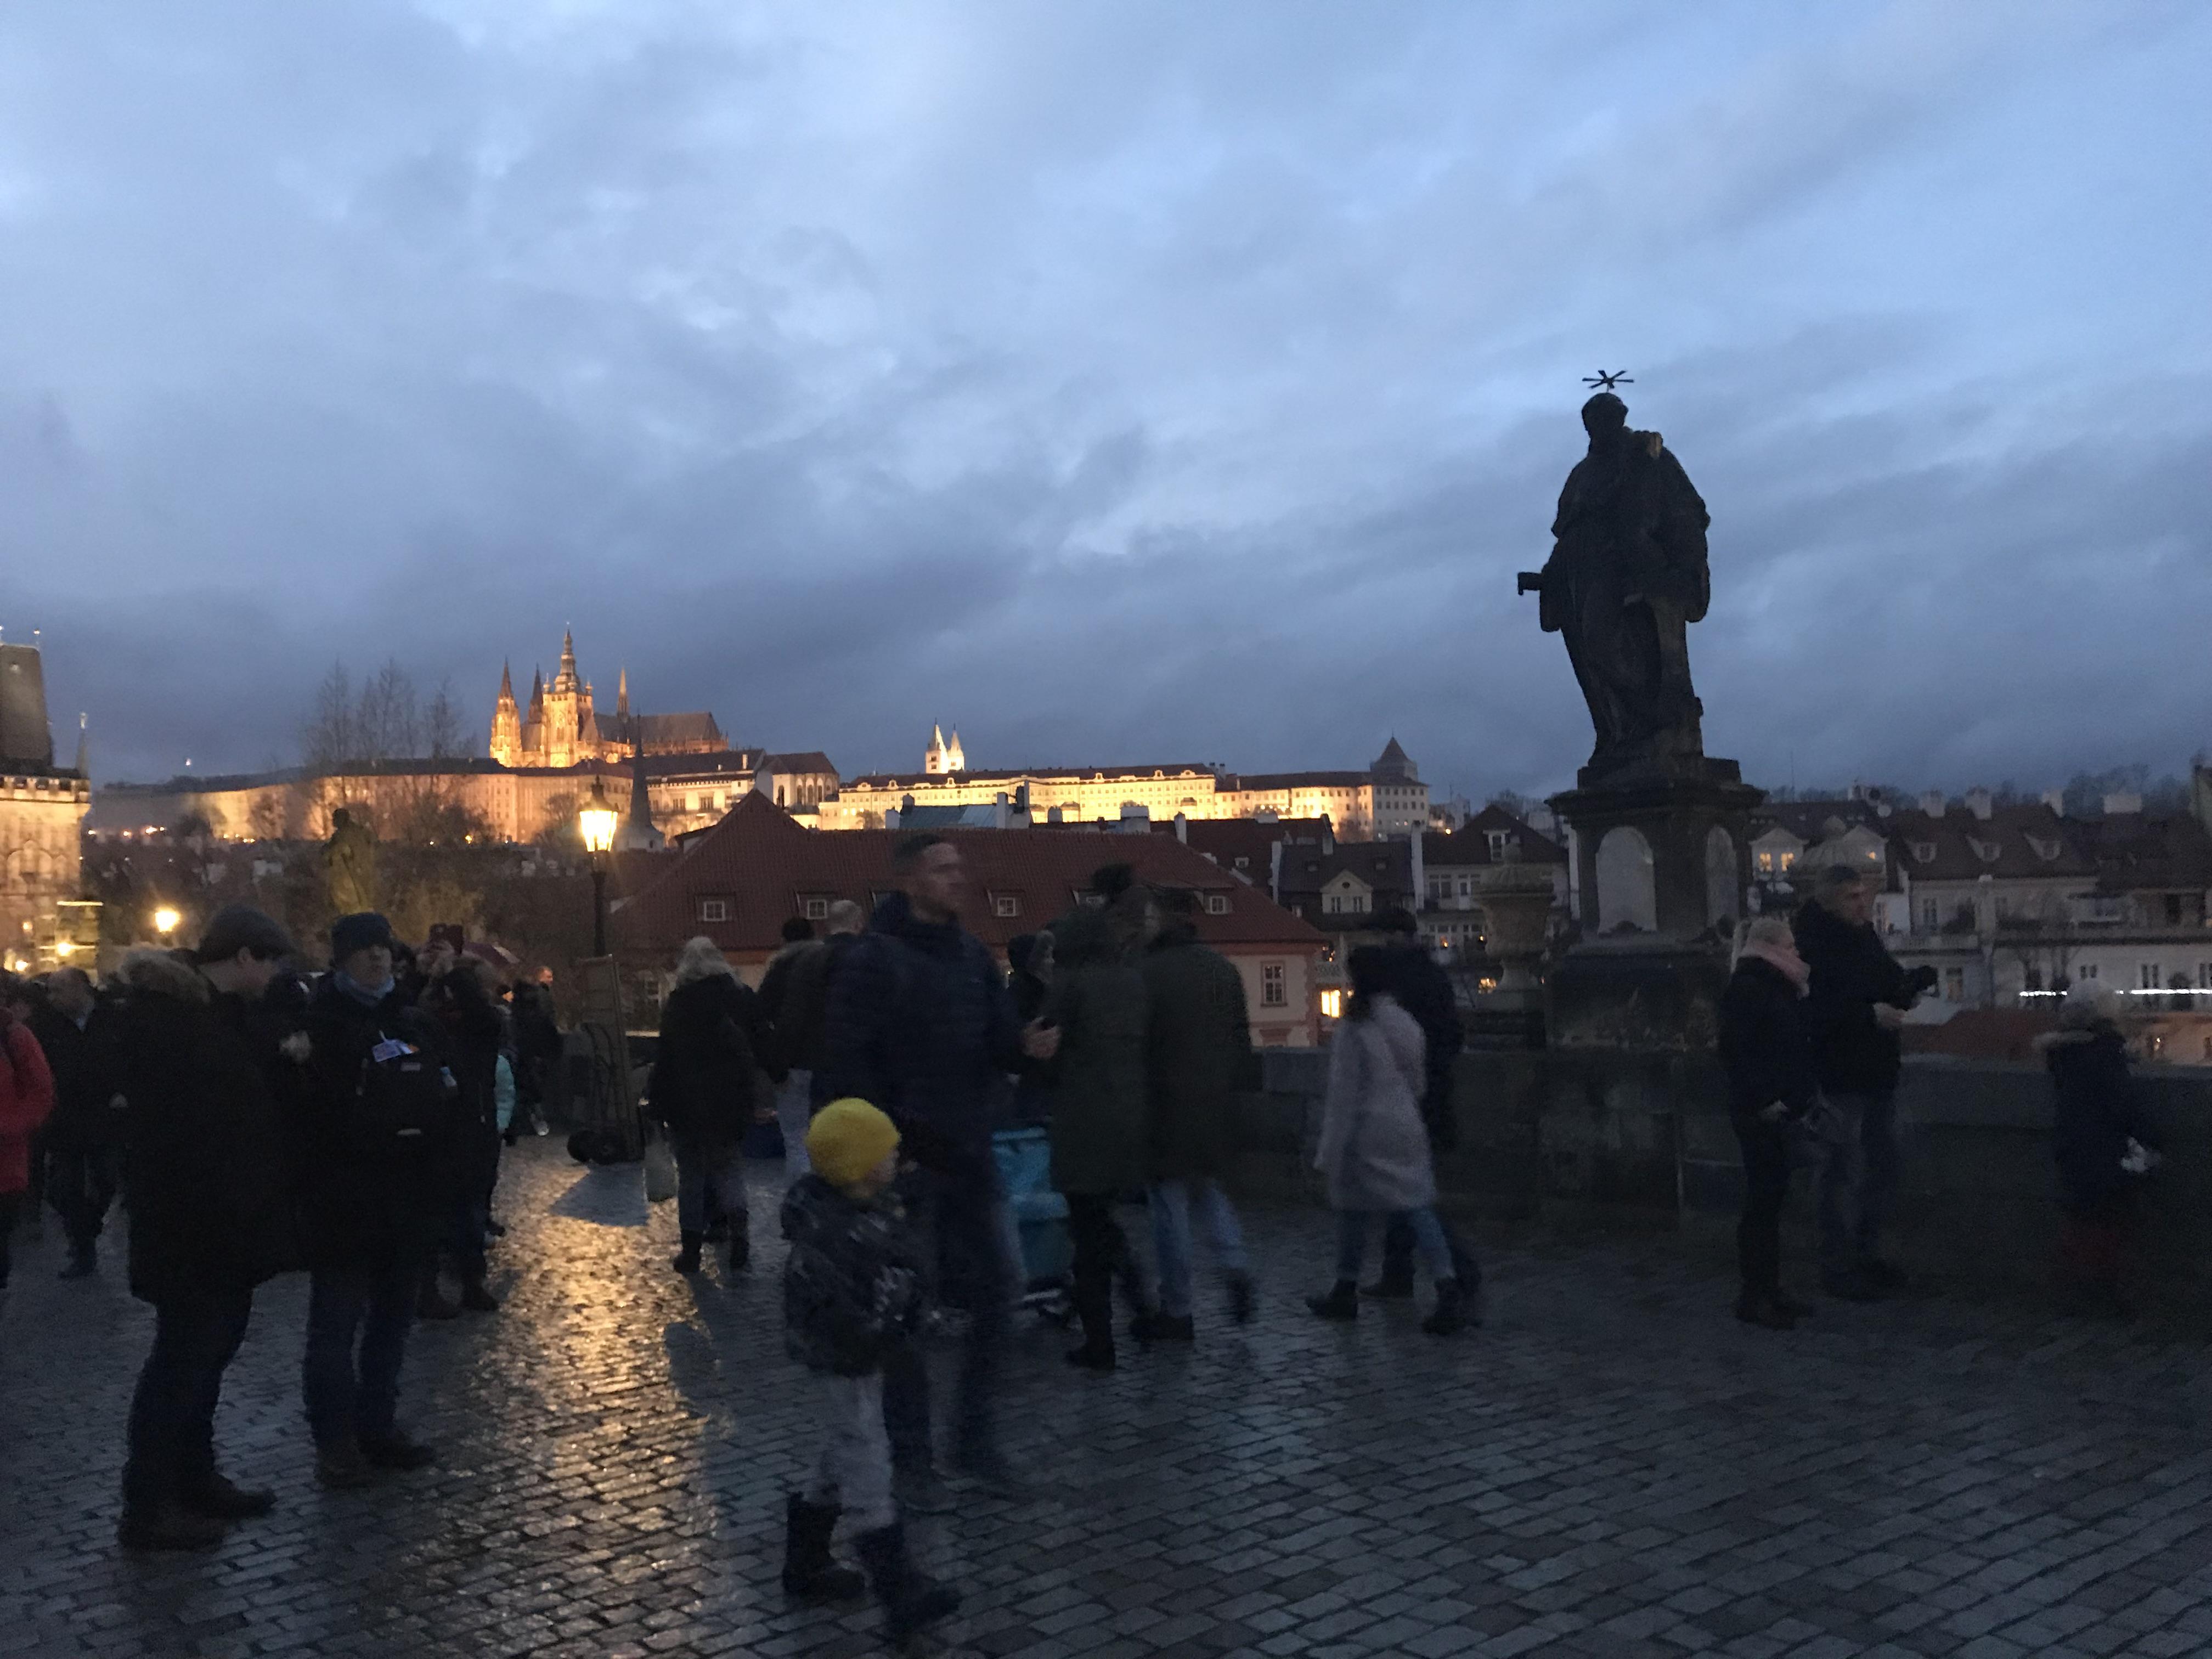 Vedo Le Luci Di Tutte Le Vetrine.Tutta La Magia Di Praga Wonderful Paths